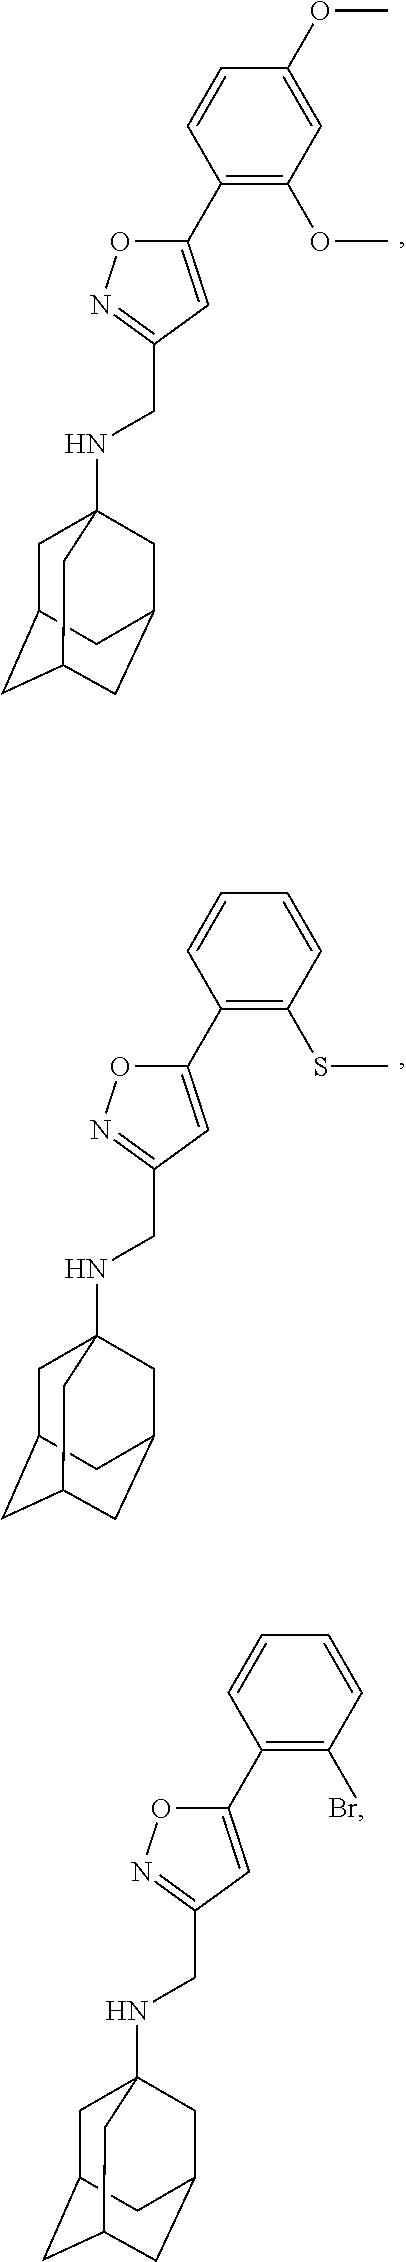 Figure US09884832-20180206-C00192